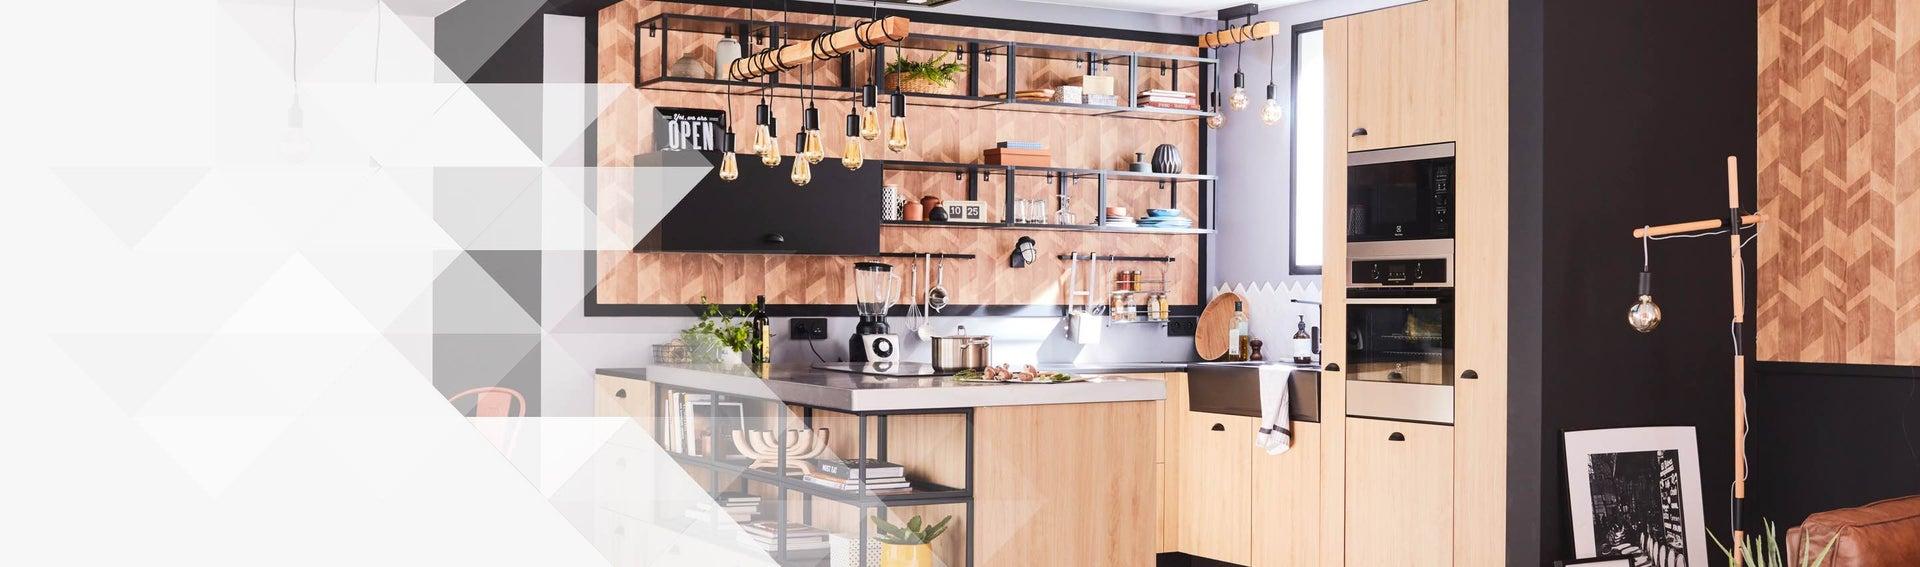 Cuisine équipée, aménagement cuisine et kitchenette | Leroy ...